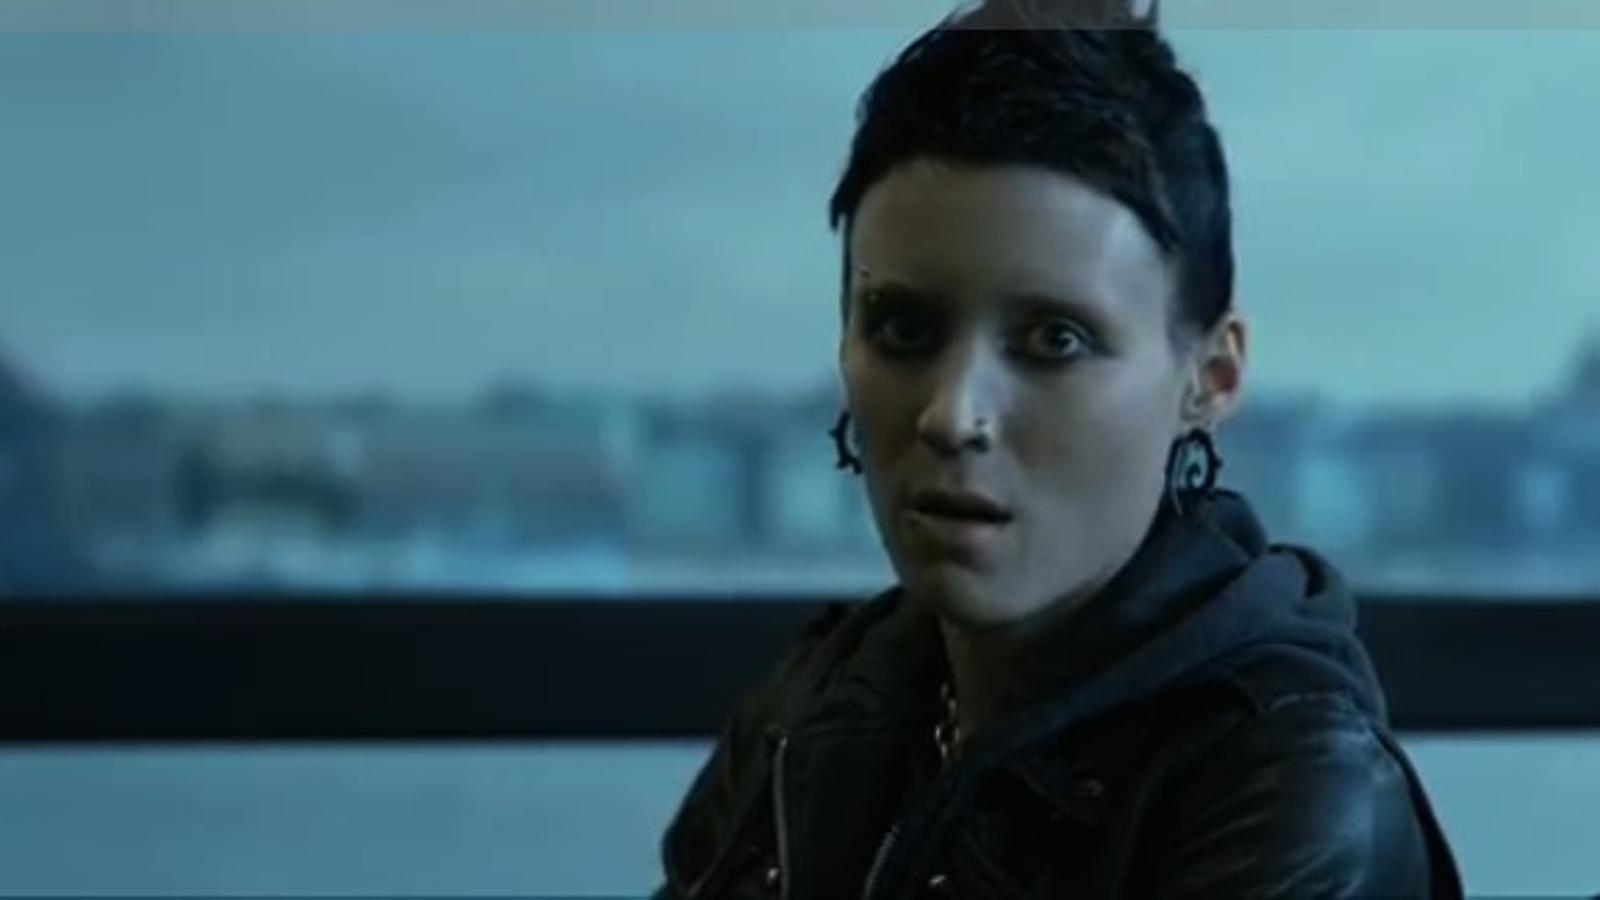 El nou tràiler de 'The girl with the dragon tattoo', l'adaptació de David Fincher de la novel·la 'Els homes que no estimaven les dones'